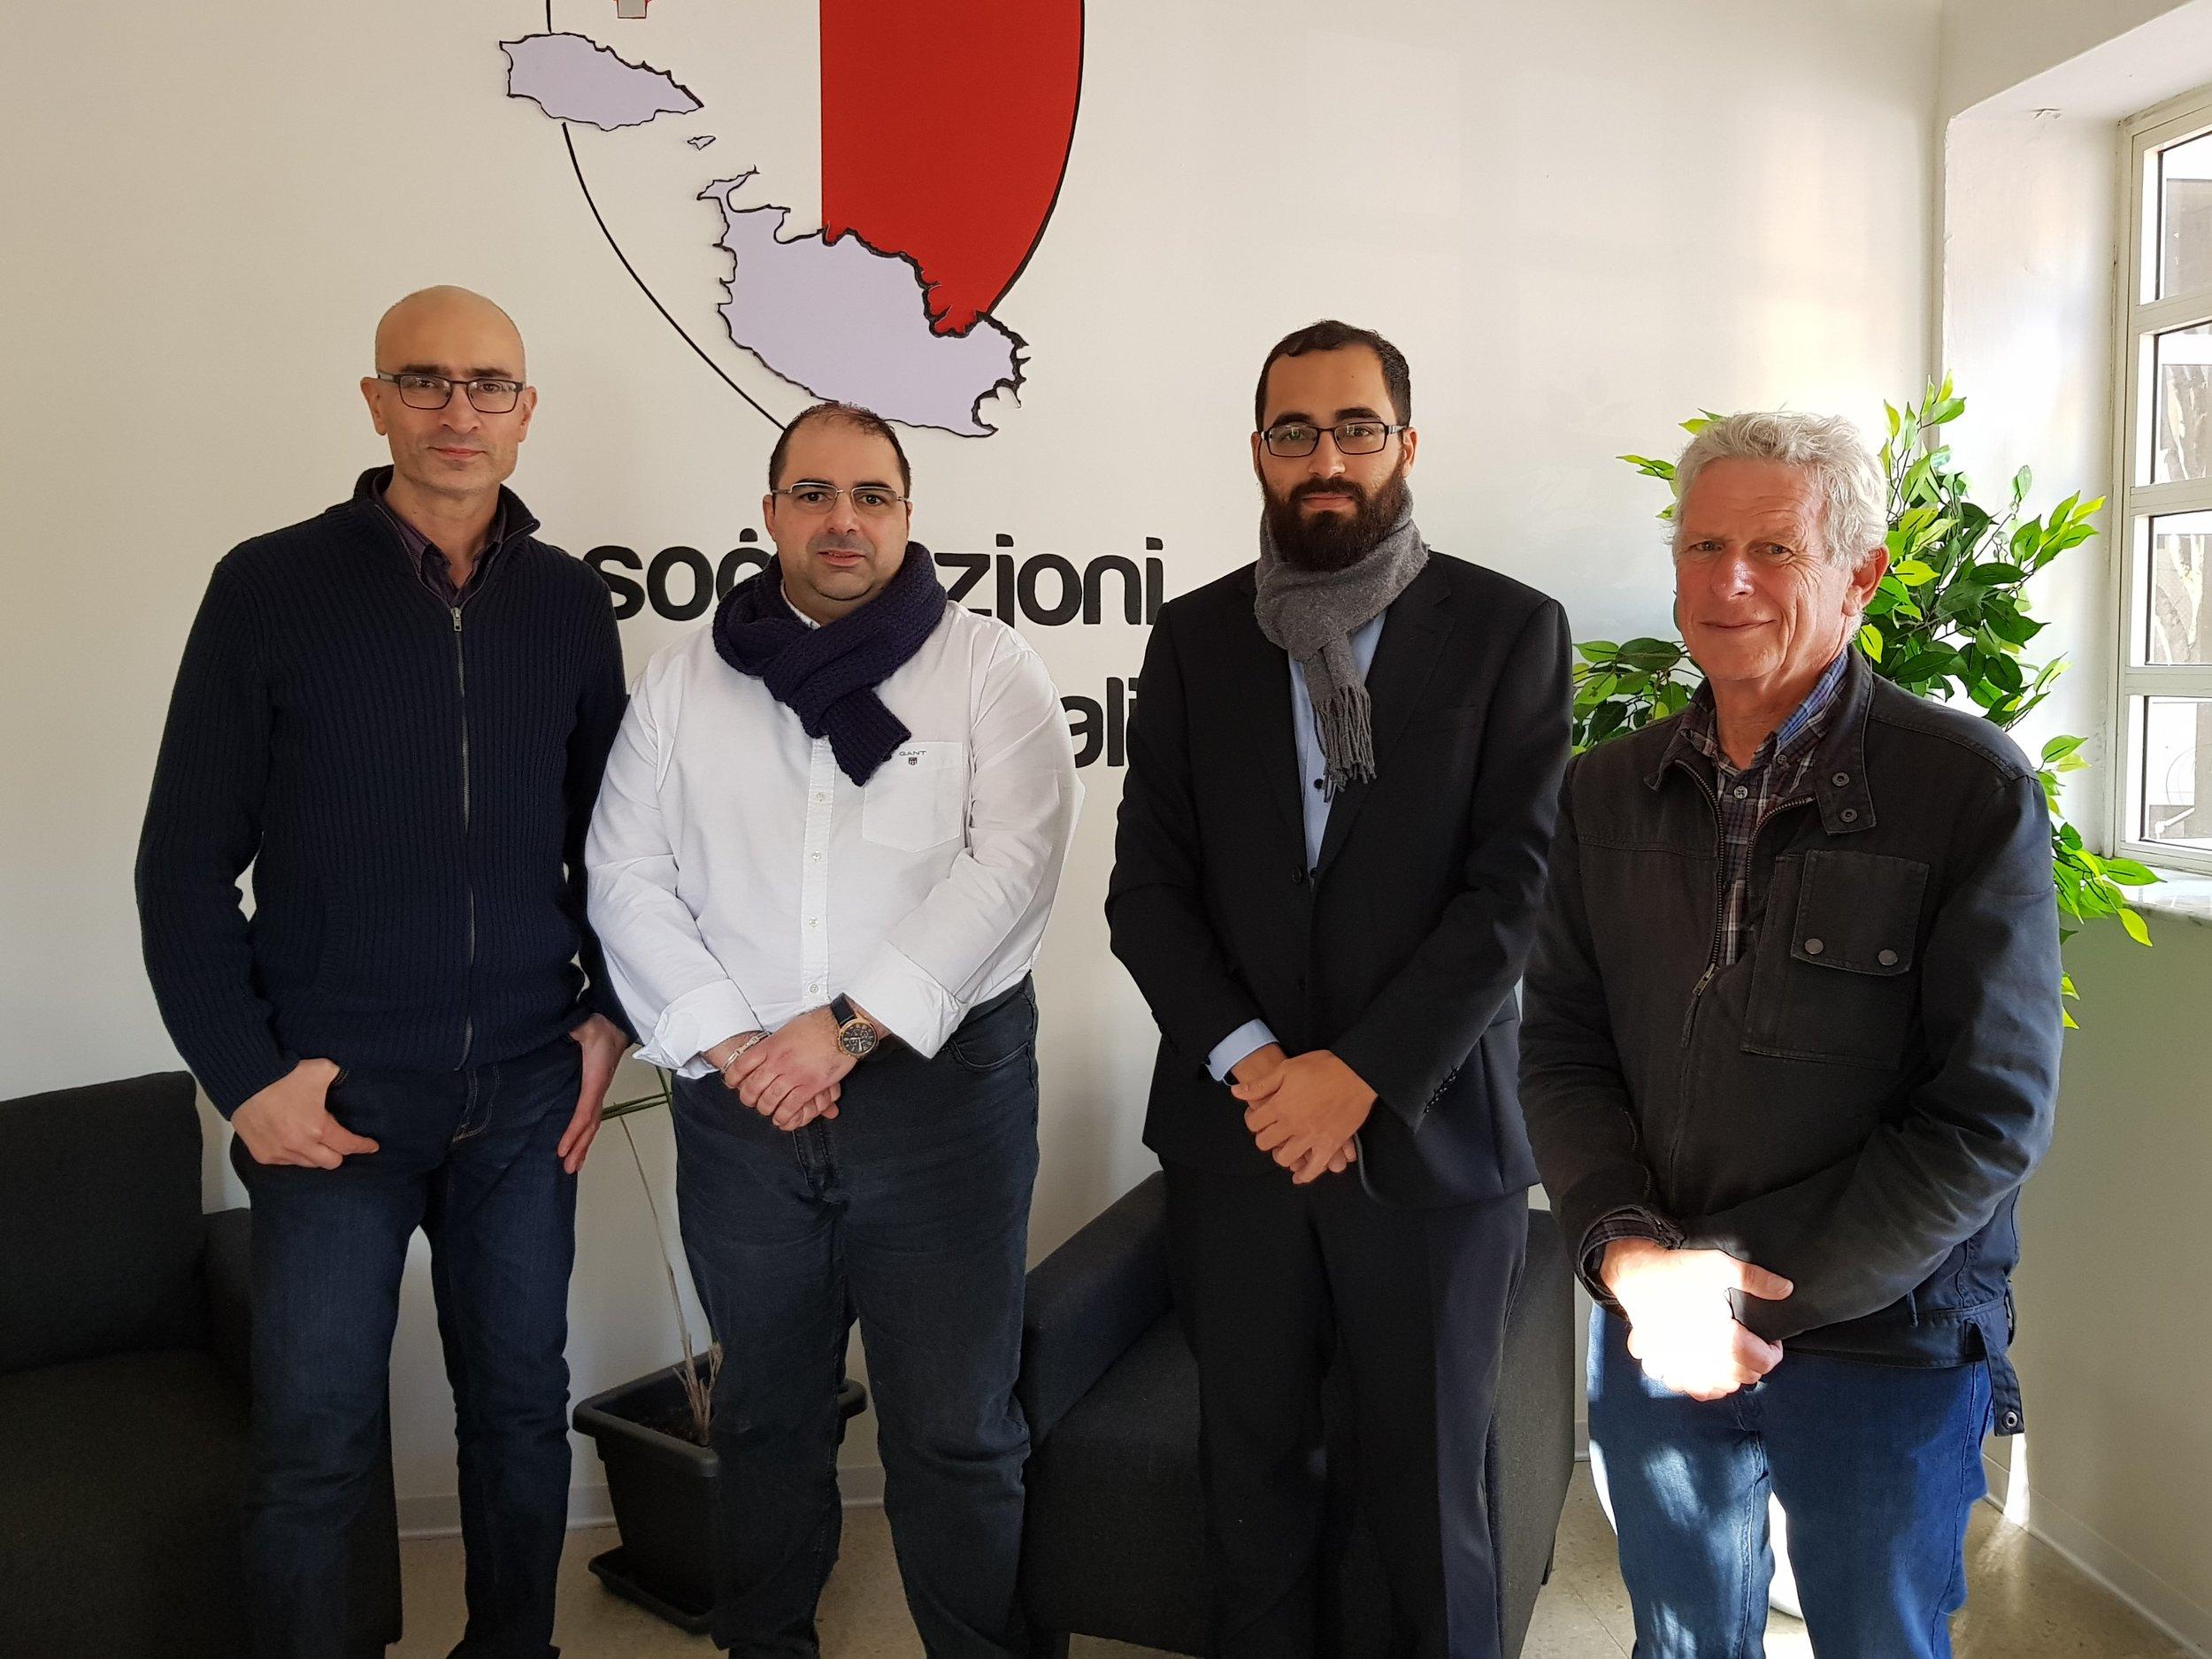 From left to right:    Ing. Joe Gatt (BAG Secretary), Mario Fava (LCA President), Matthew Farrugia (BAG Treasurer) and Michael Rosner (BAG Vice-president)